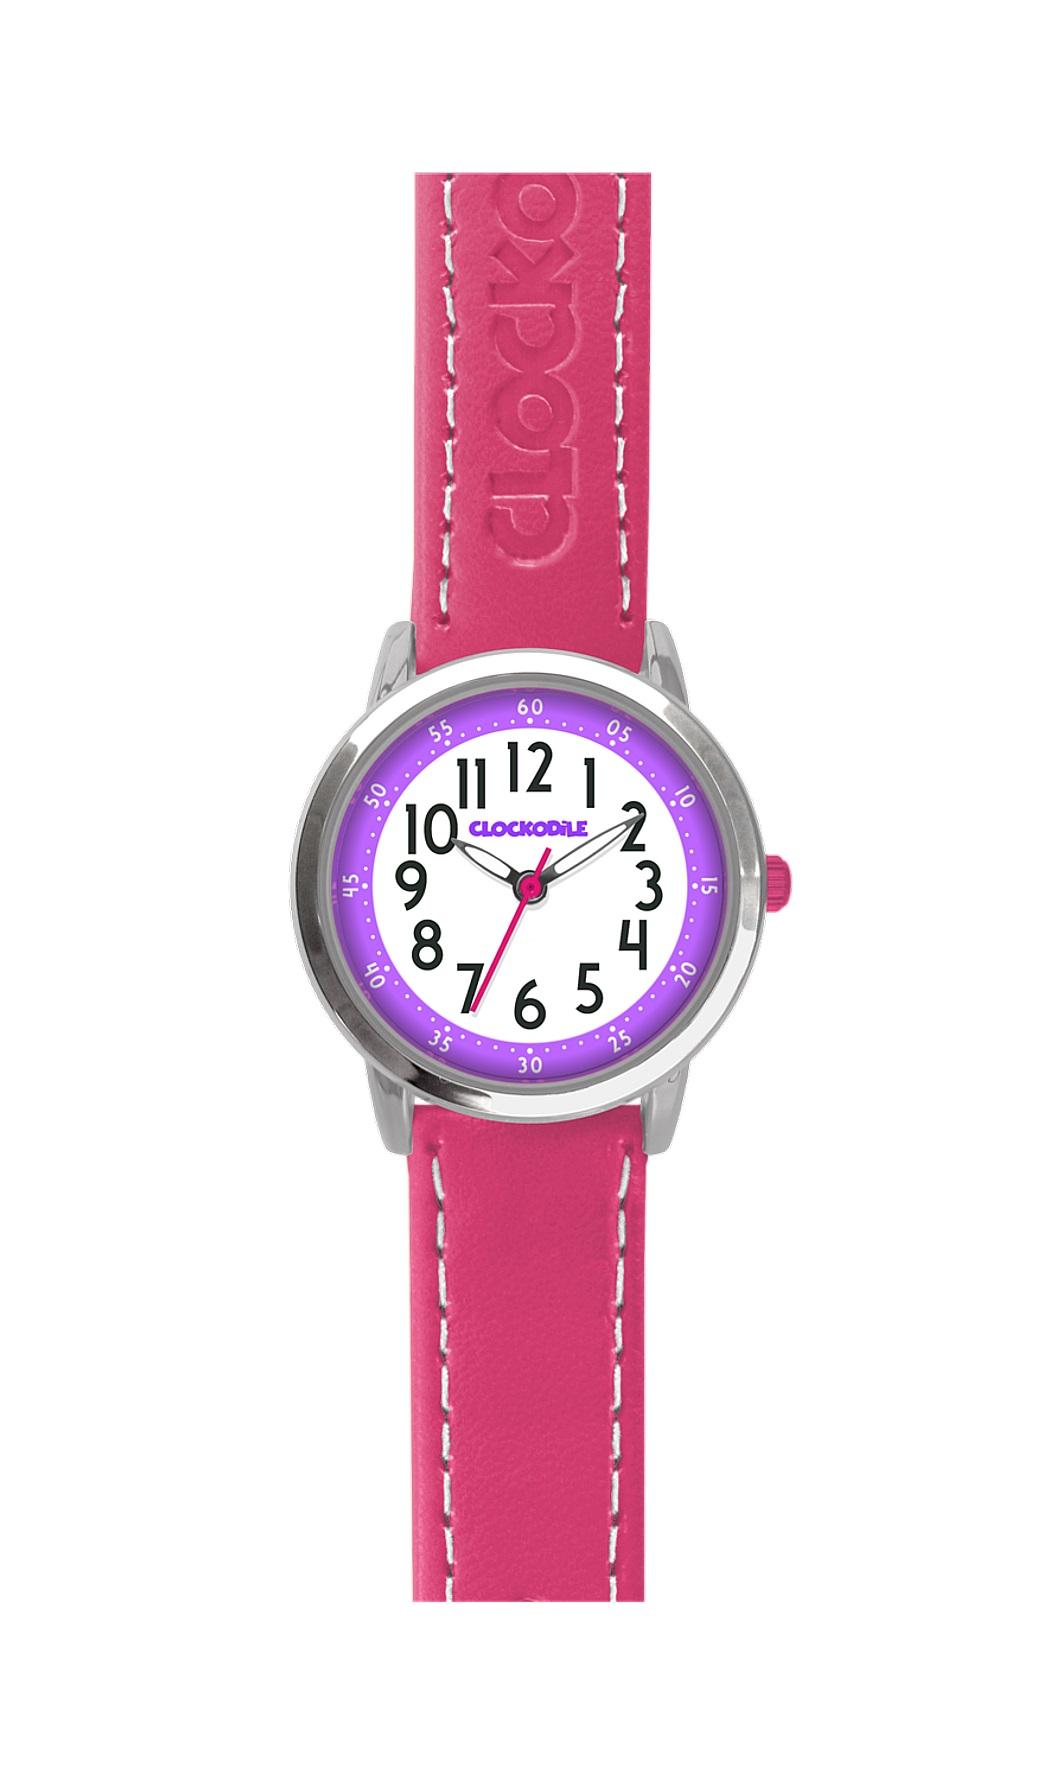 Dětské růžové dívčí hodinky CLOCKODILE COLOUR CWG5010  7fb39905c5e